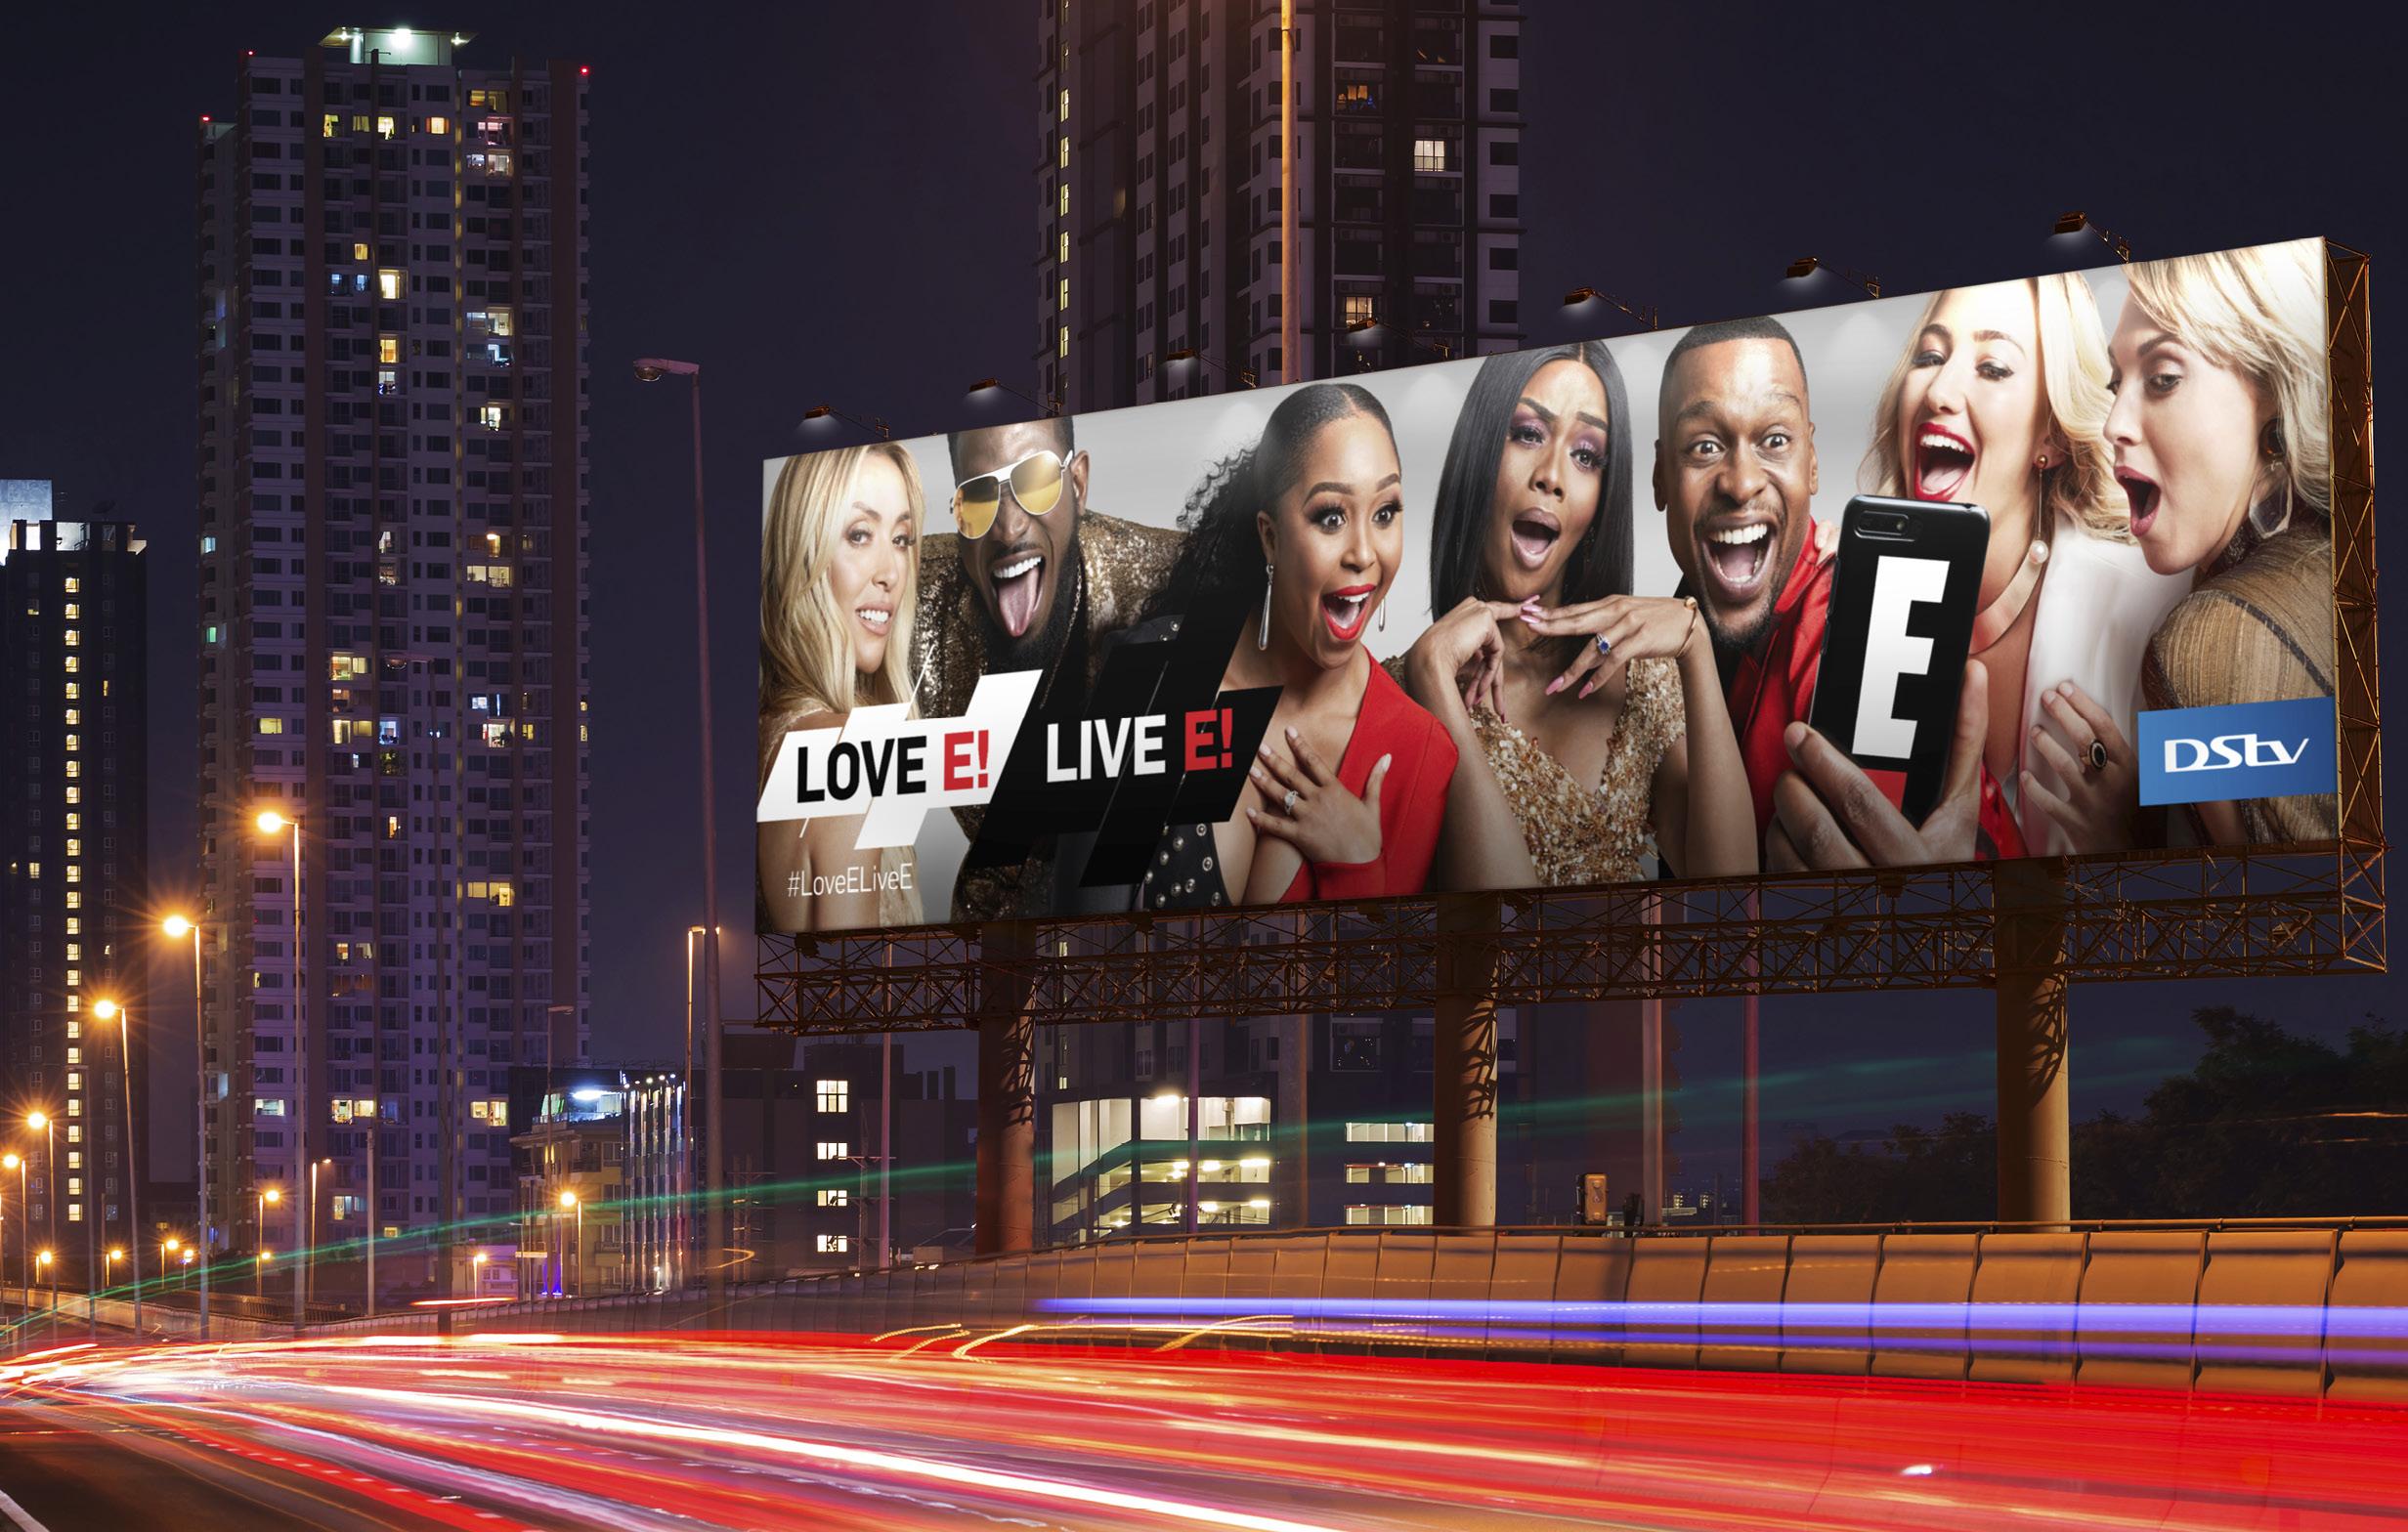 NBCU 'Love E! Live E!' Brand Campaign